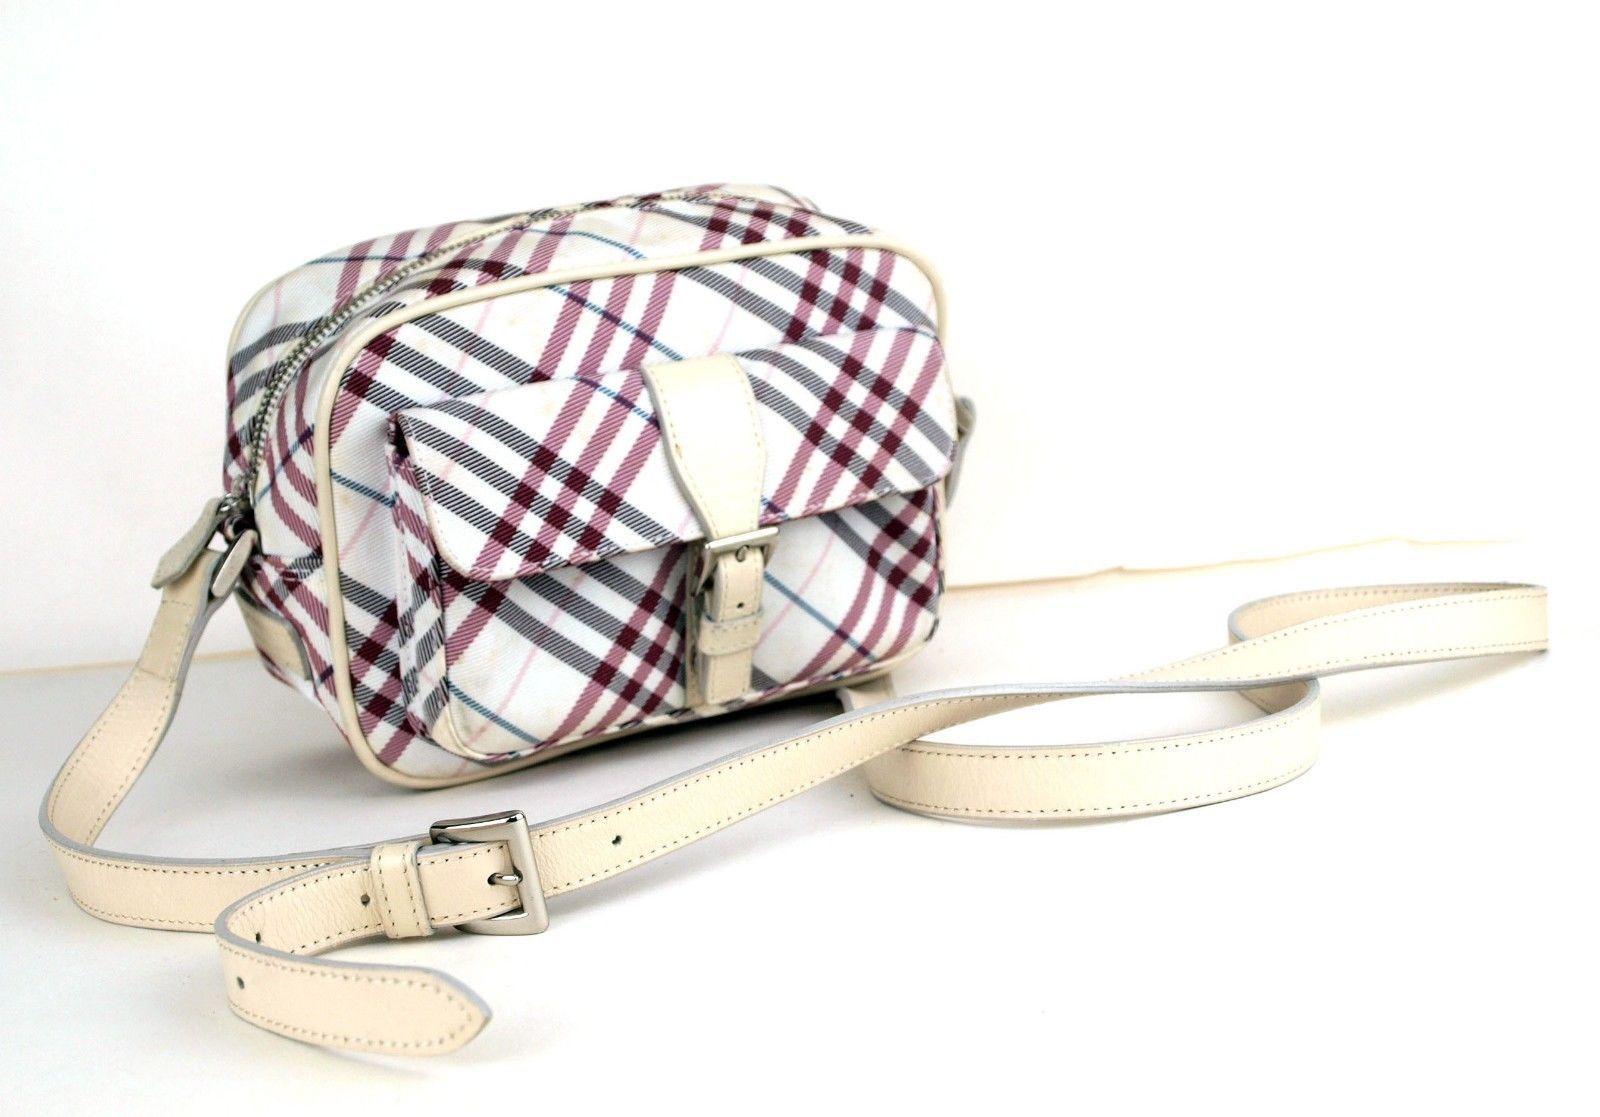 cde1b0796bfa S l1600. S l1600. Previous. Auth Burberry London Blue Label Nova Check  Canvas   Leather Shoulder Purse Bag